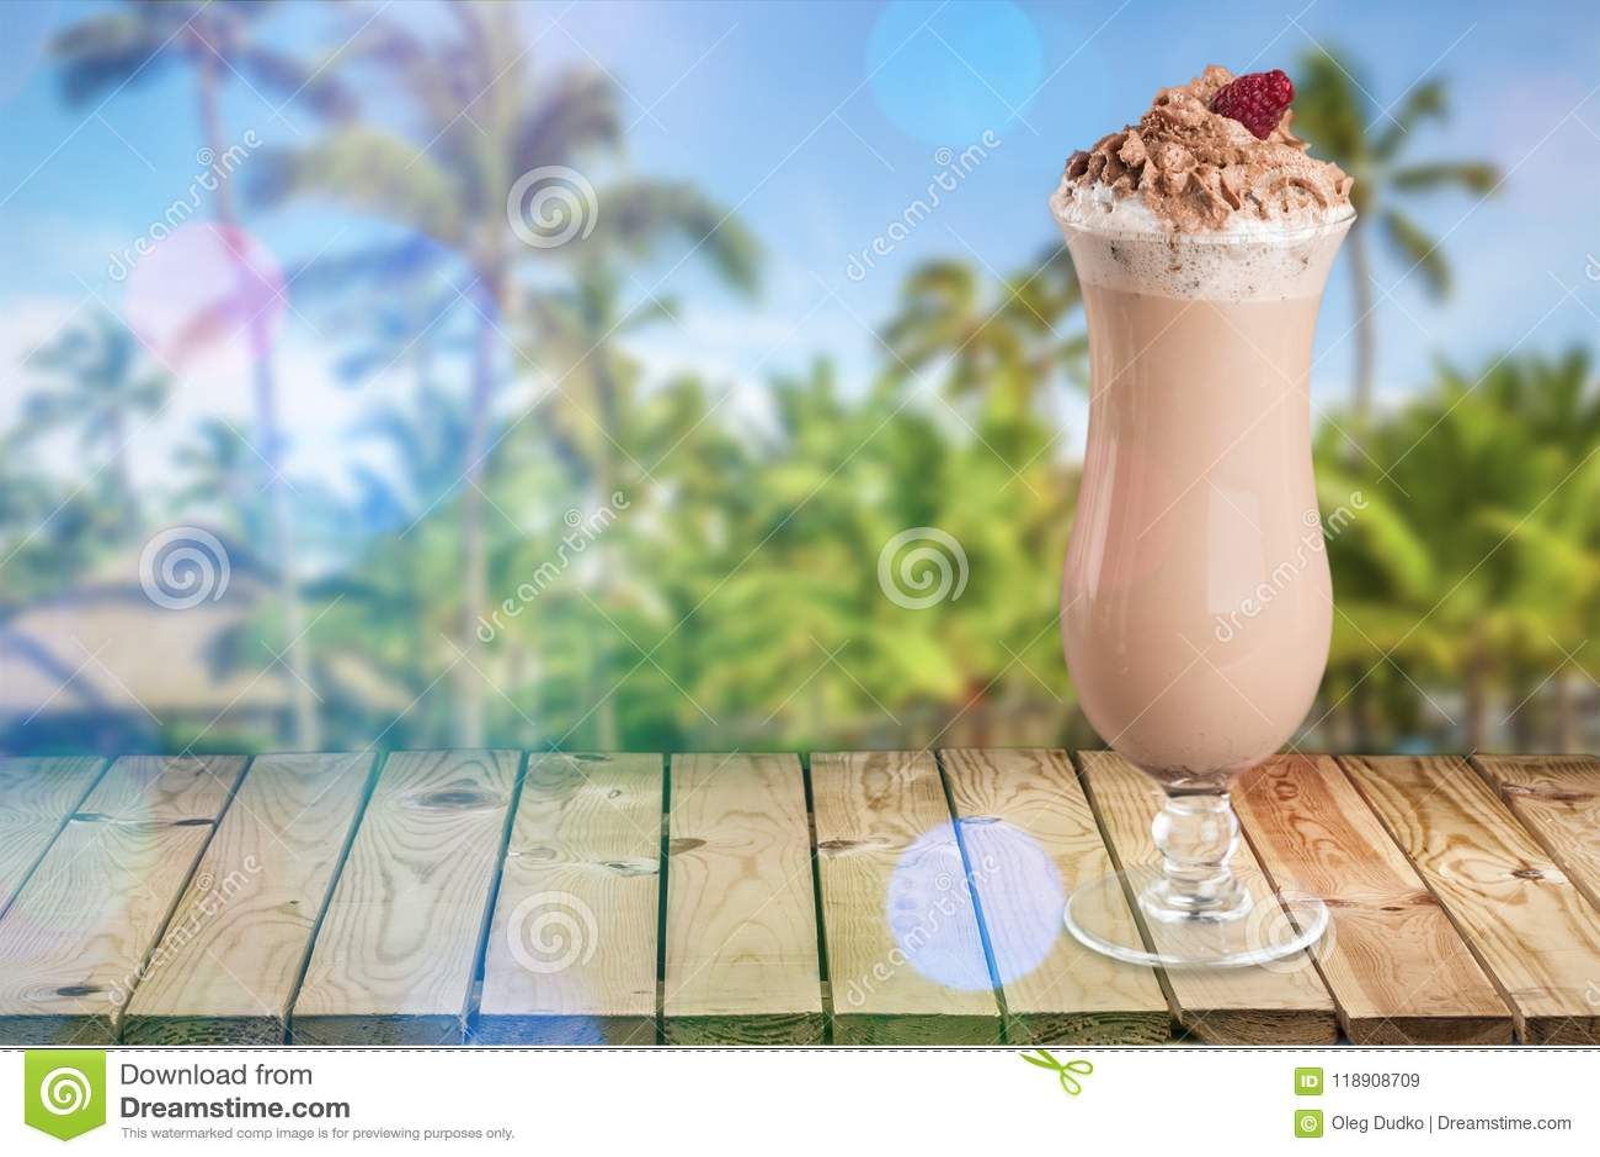 Agitação de leite